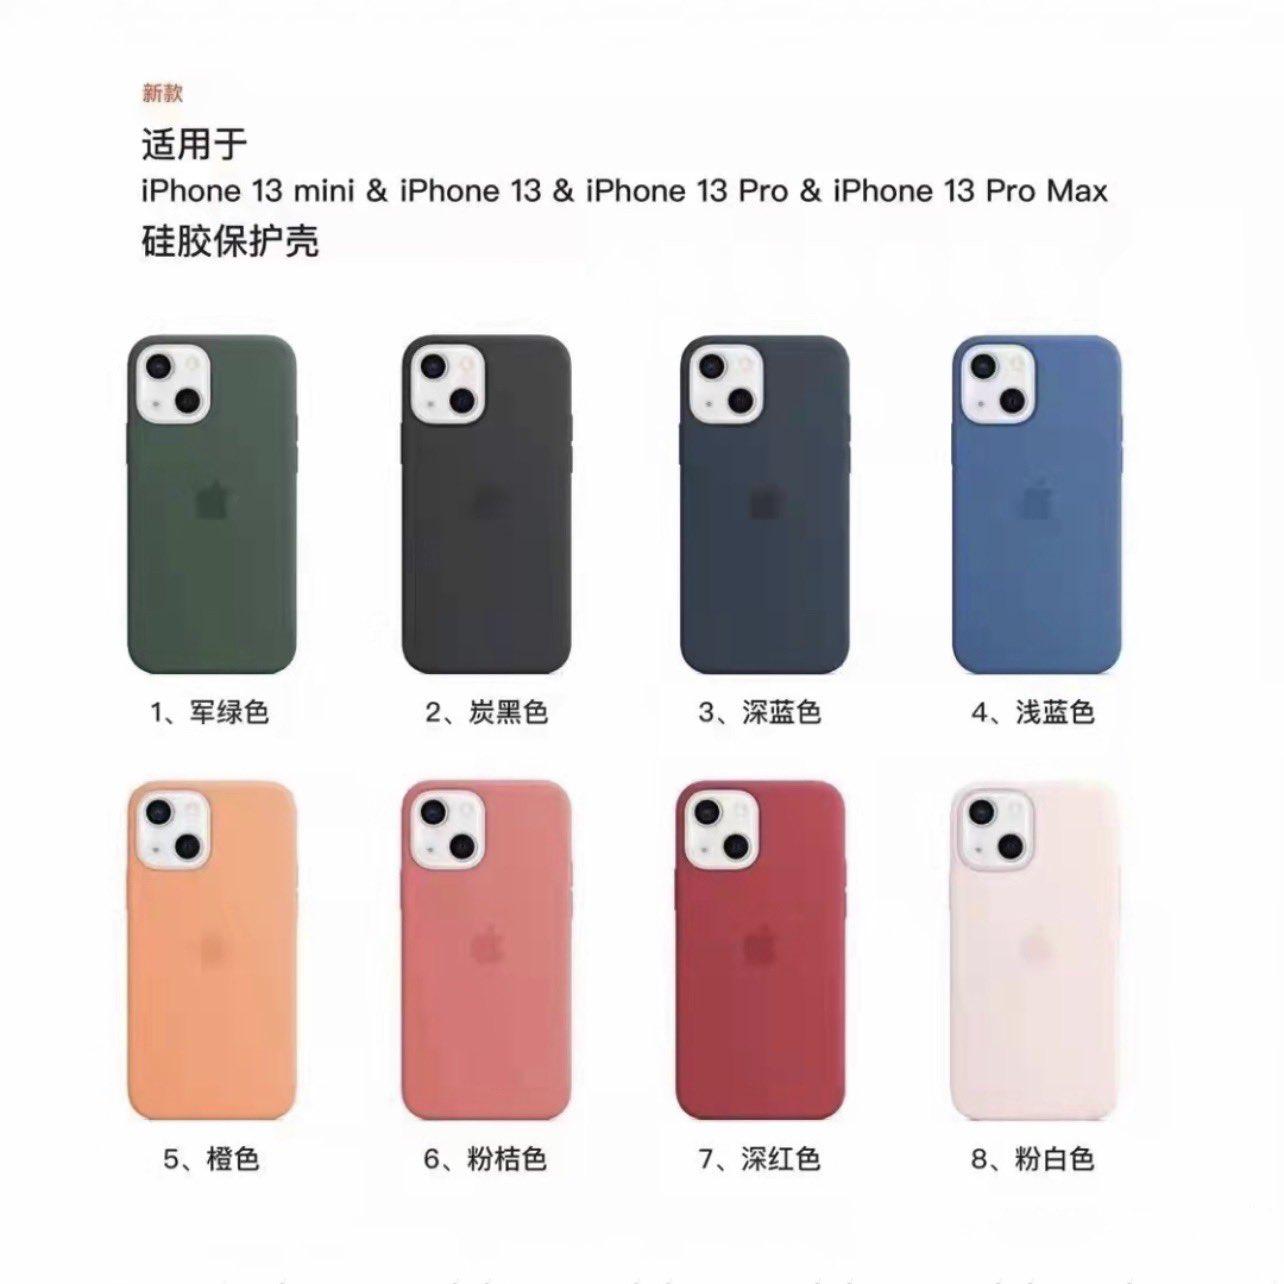 蘋果官方提前洩密?iPhone 13 原廠保護殼新顏色搶先看1